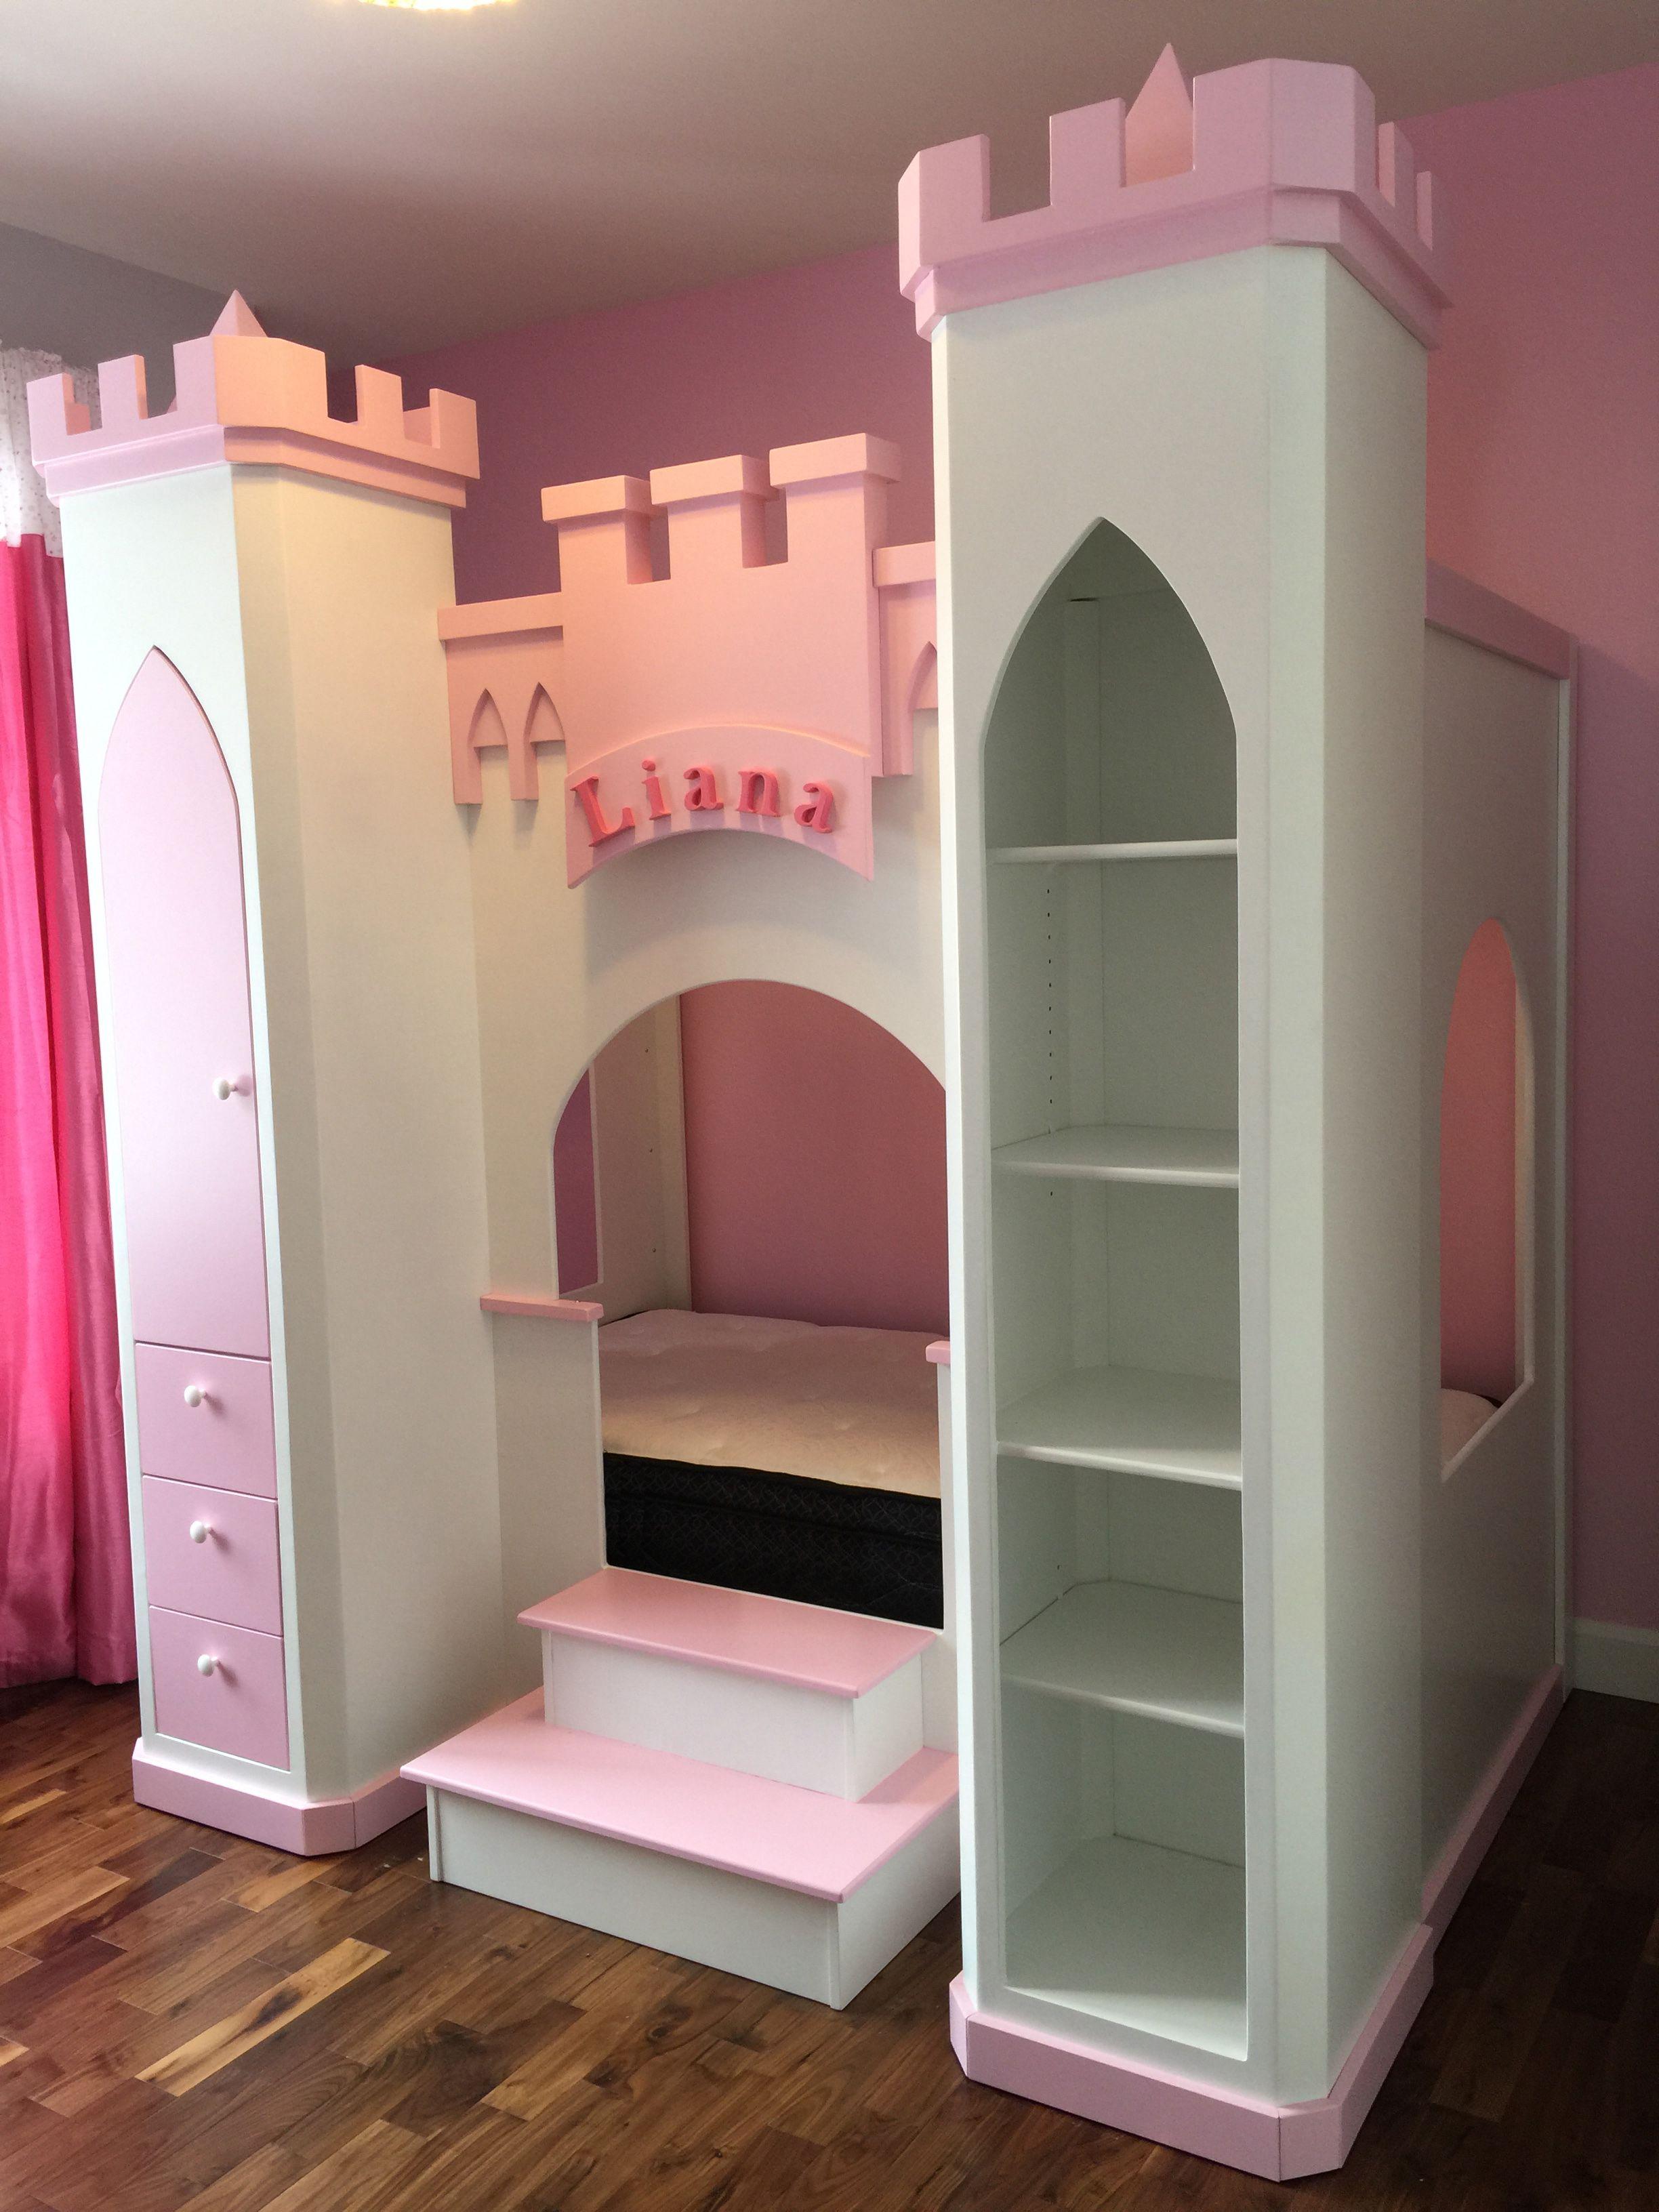 Lit Simple Chateau De Princesse Dimension 58 X 80 Lit Princesse